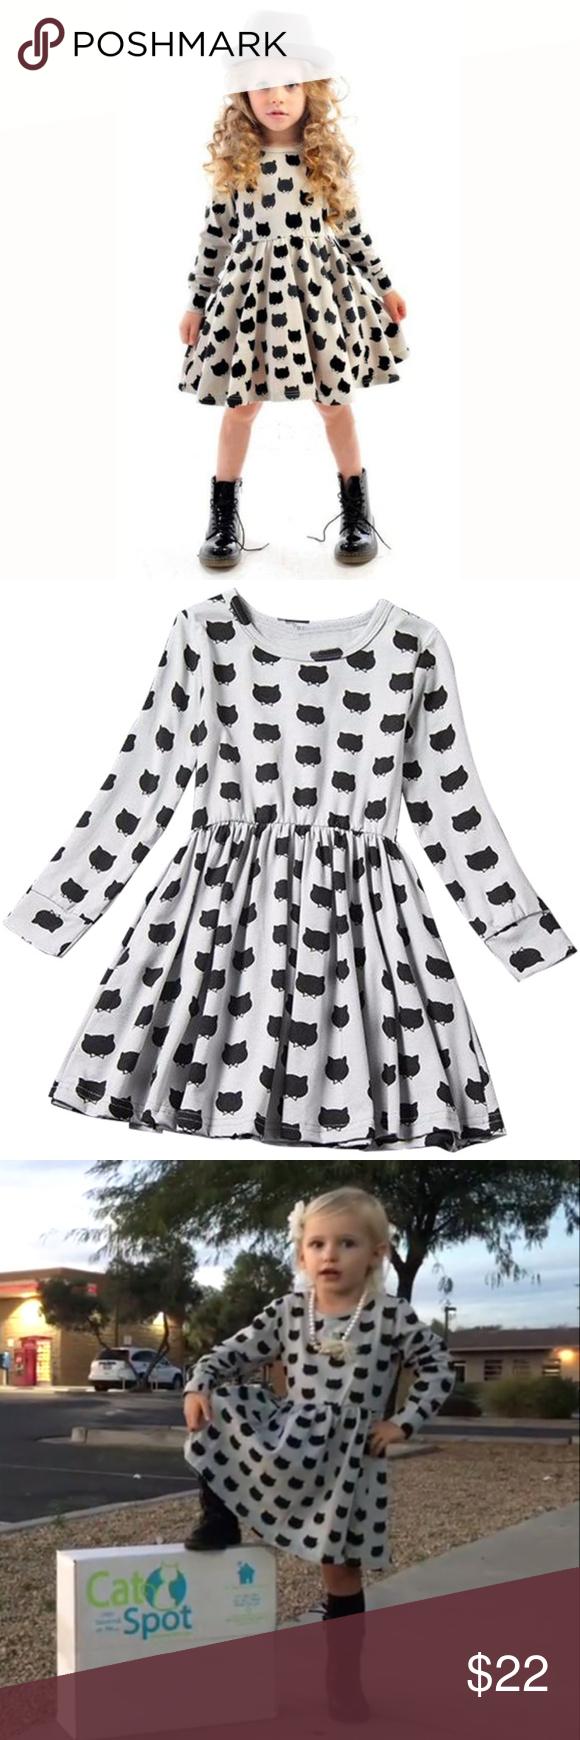 Cute Black Cat Children S Dress Childrens Dress Kids Dresses Born Dress [ 1740 x 580 Pixel ]